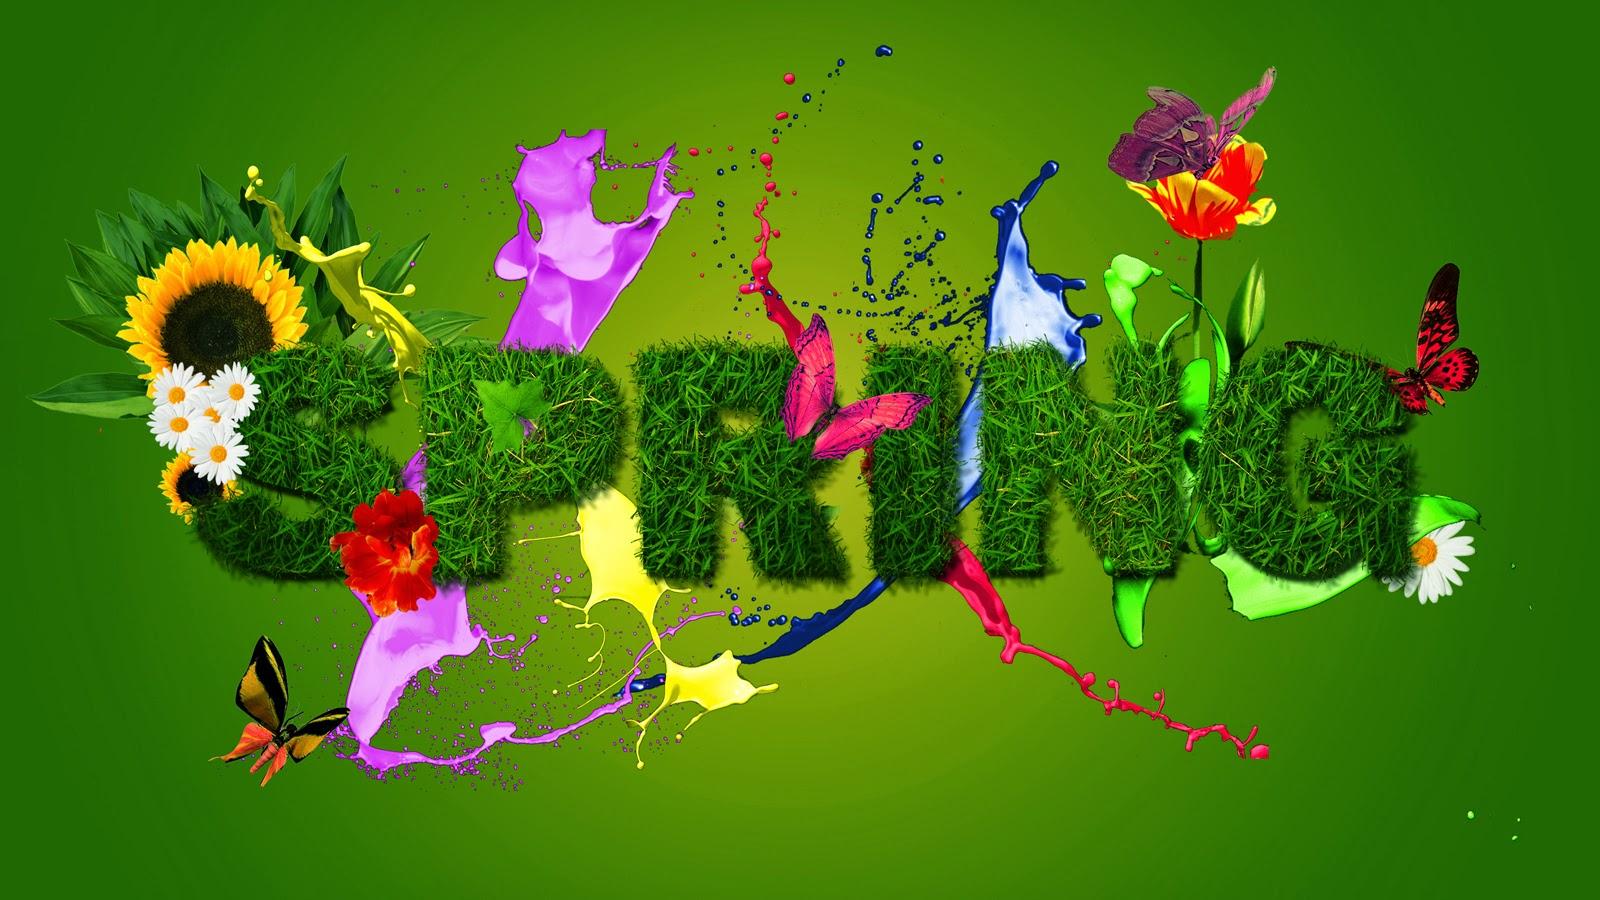 Most Inspiring Wallpaper Music Spring - spring  HD_651046.jpg